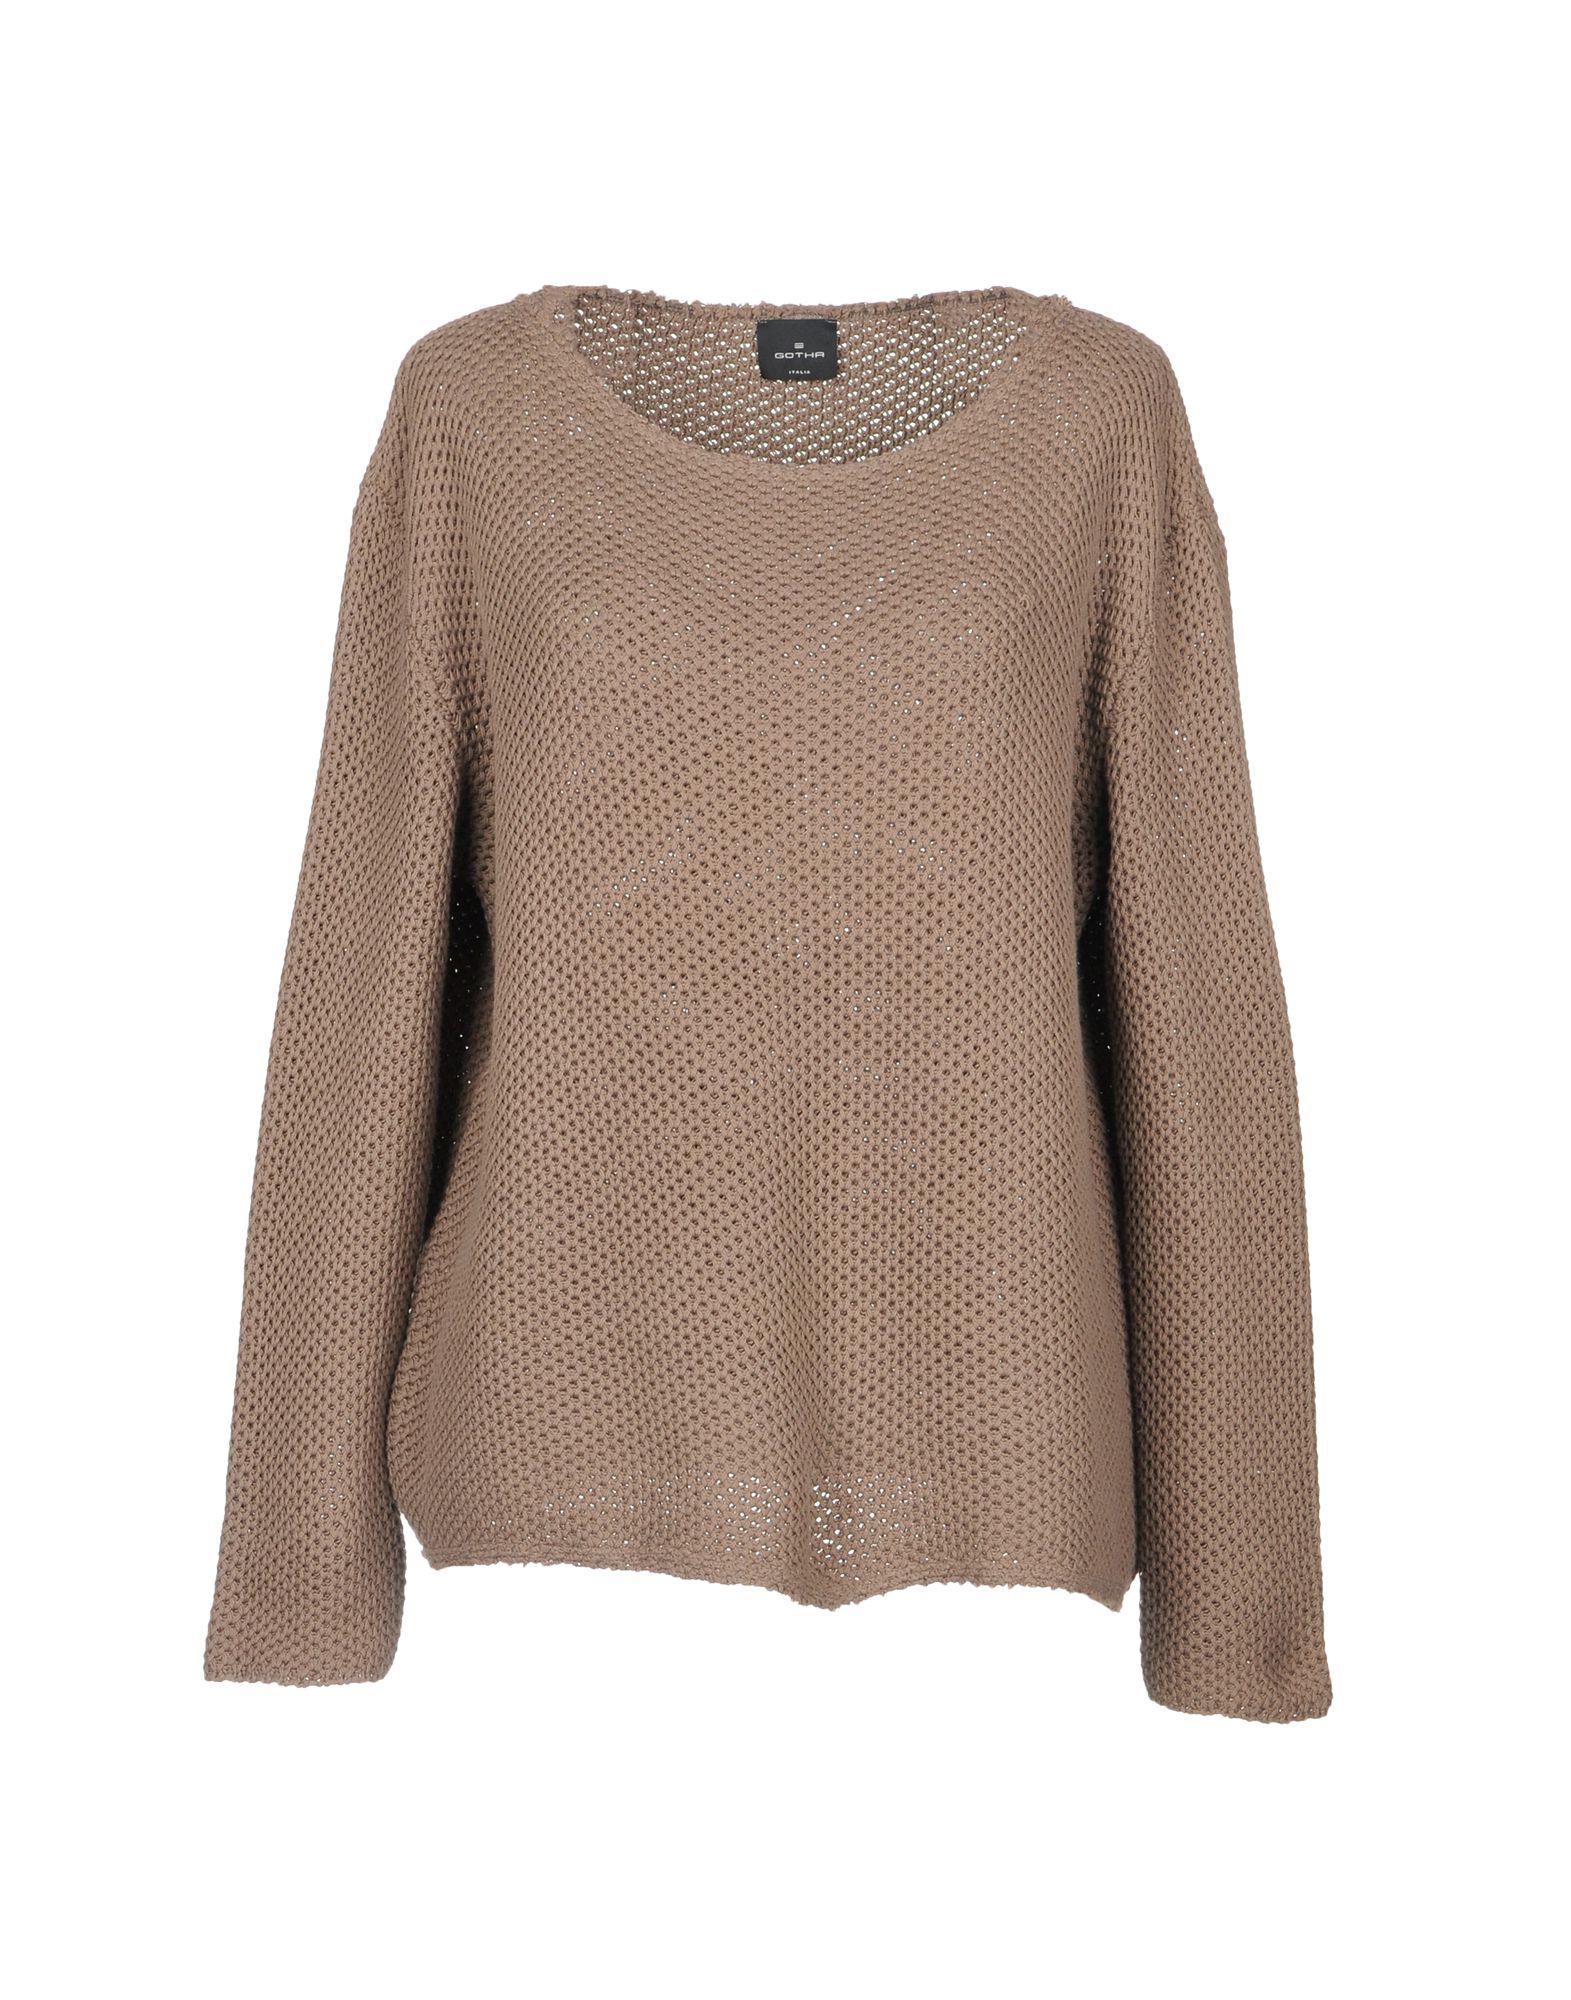 GOTHA Sweater in Khaki